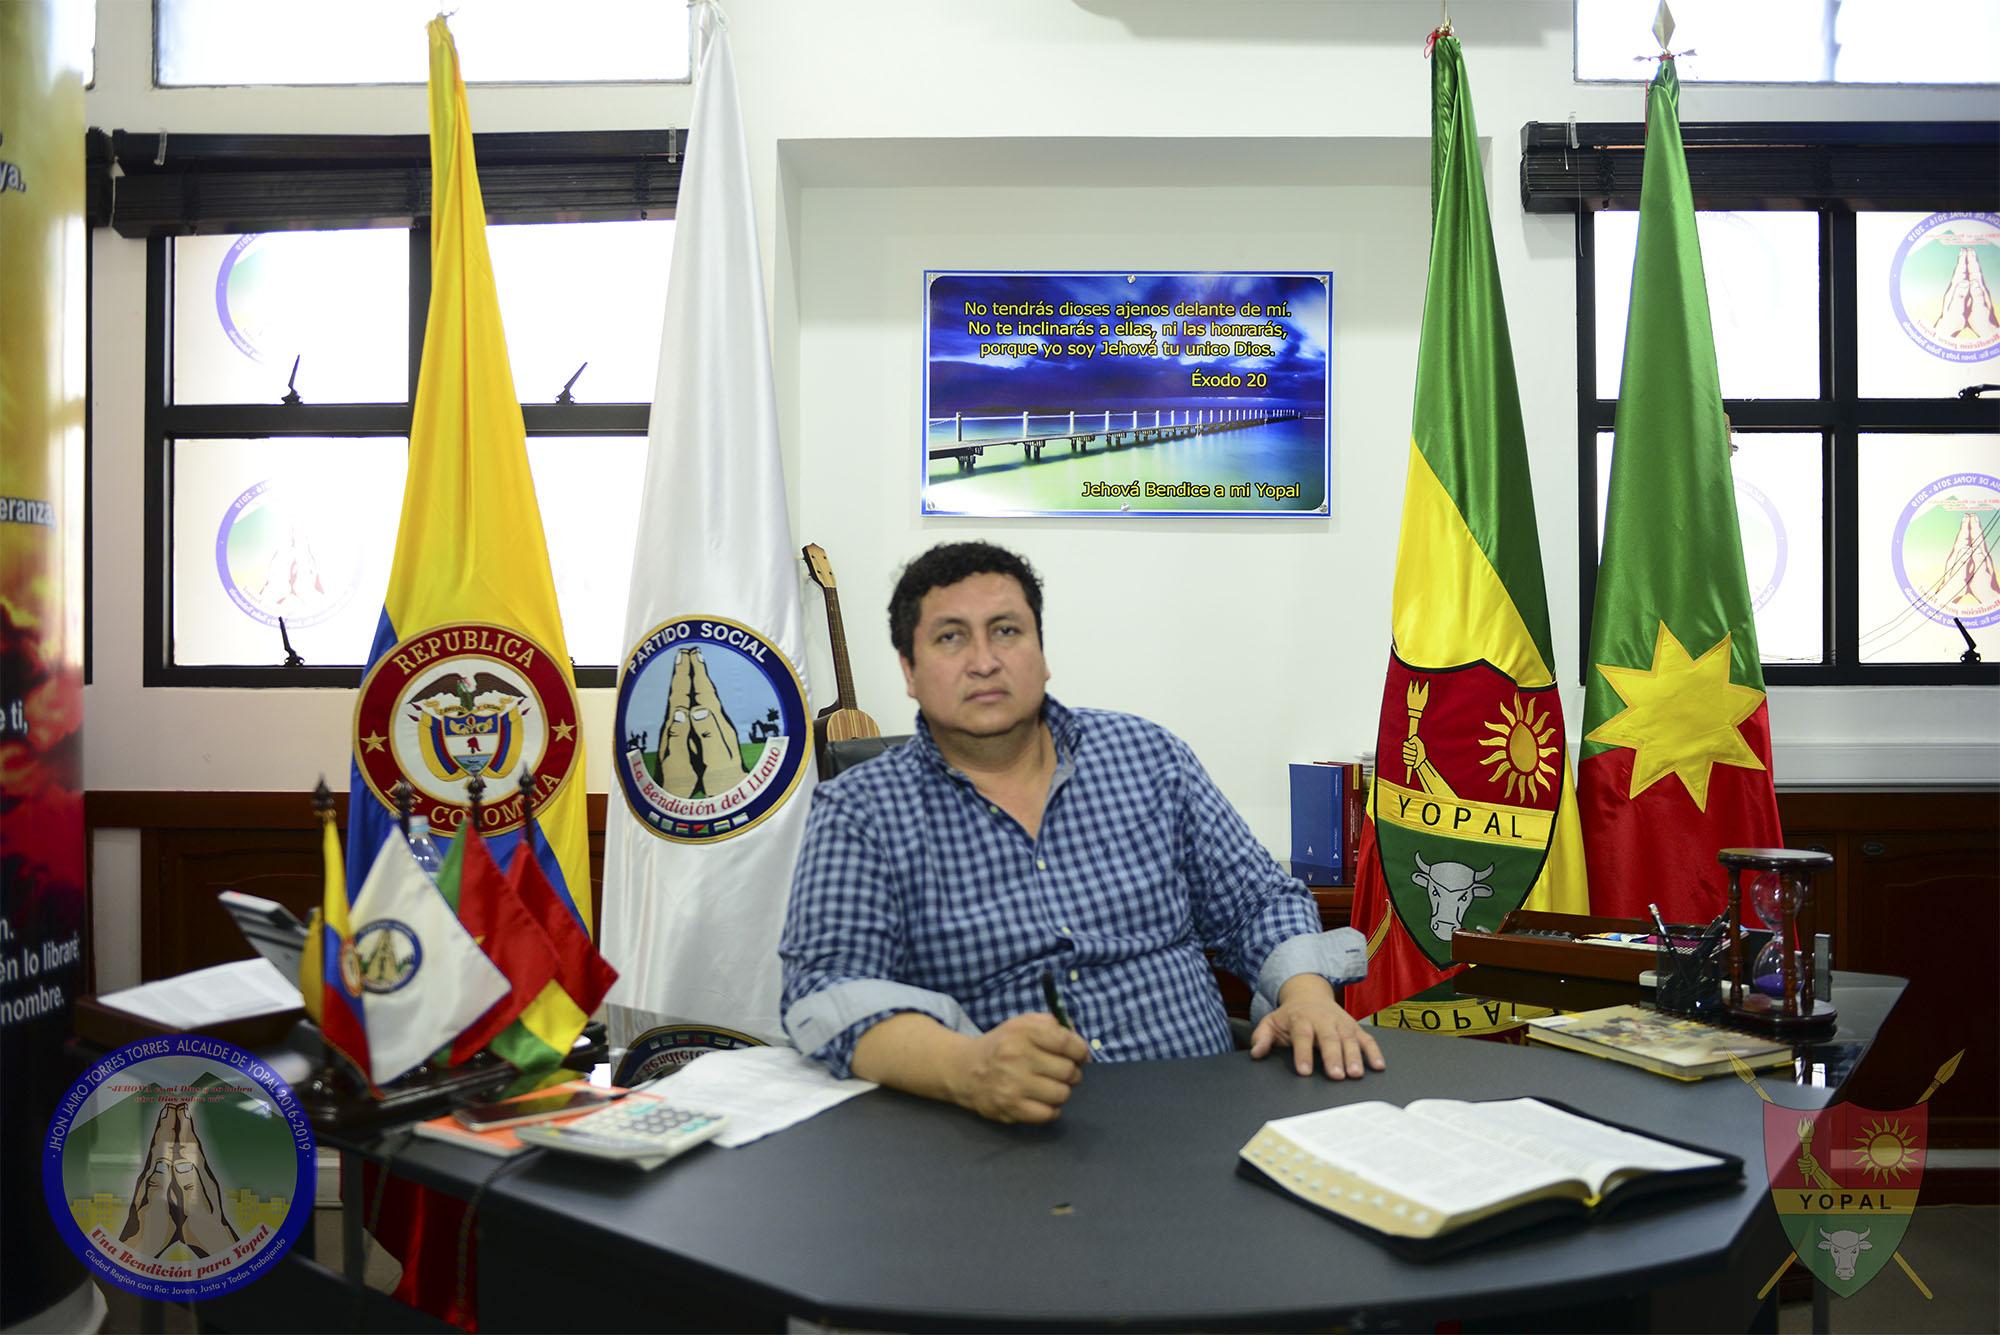 Saúl Villar, constitucionalista, analiza efectos de renuncia de JJ Torres y elecciones atípicas